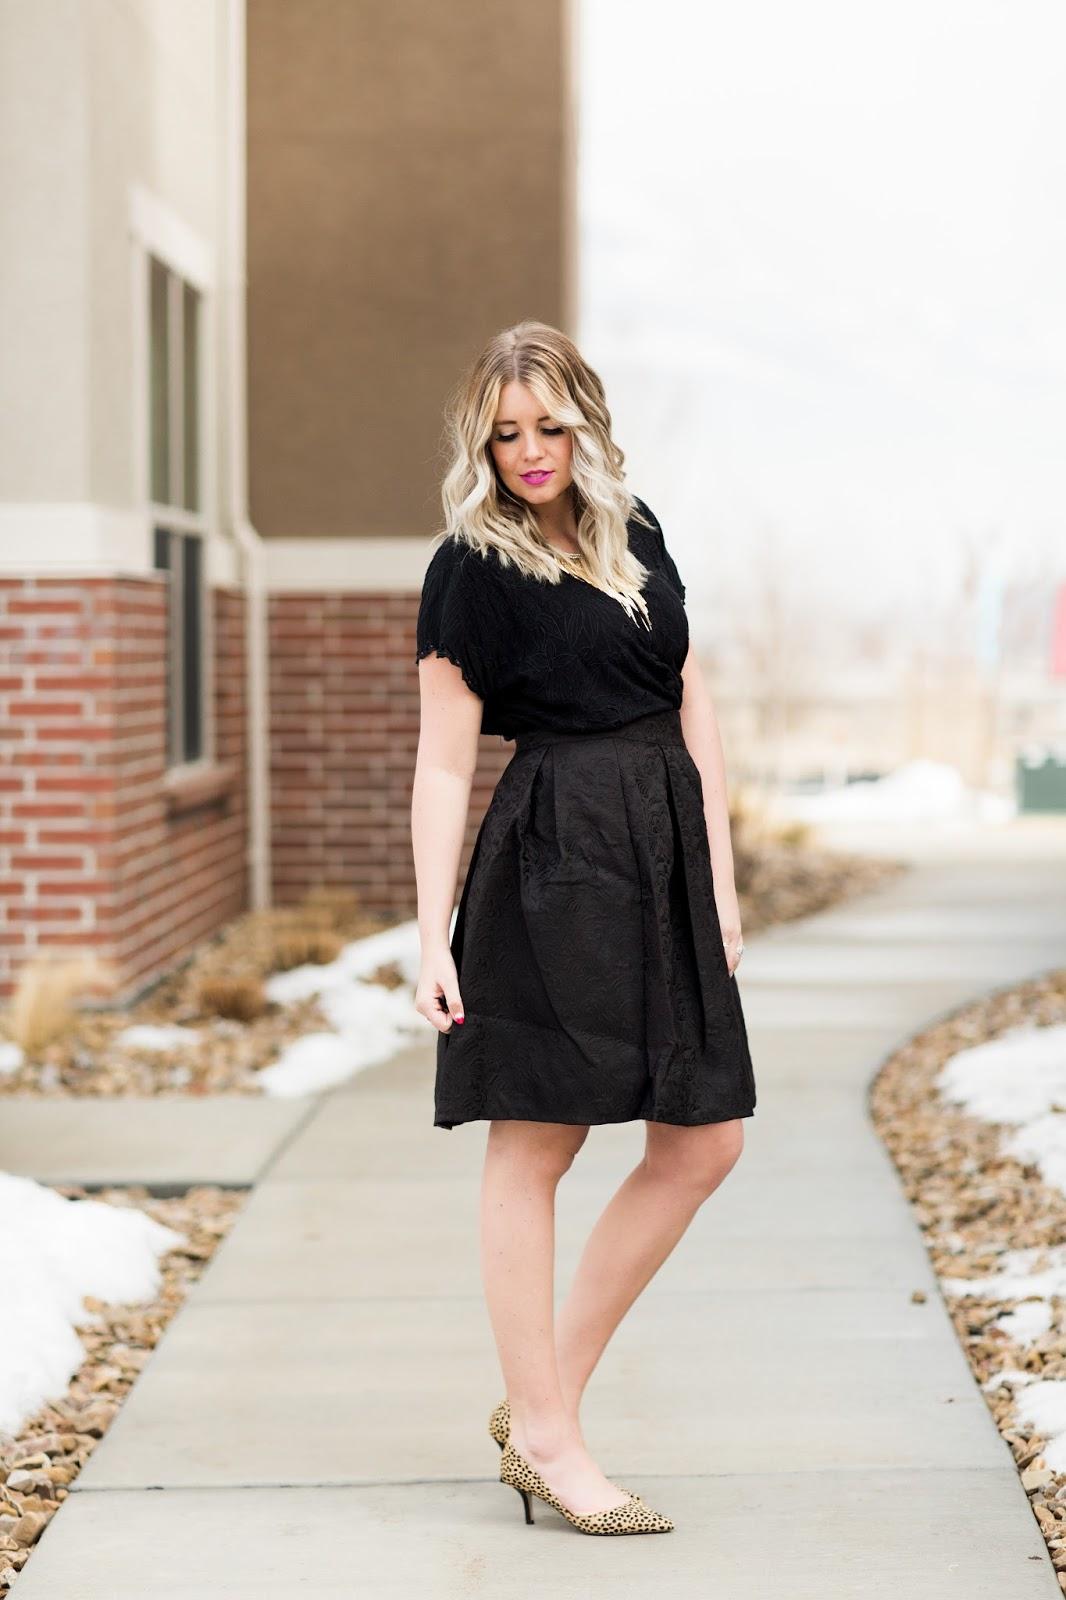 Cheetah Heels, Black Skirt, Tara Lynn's, Utah Fashion Blogger